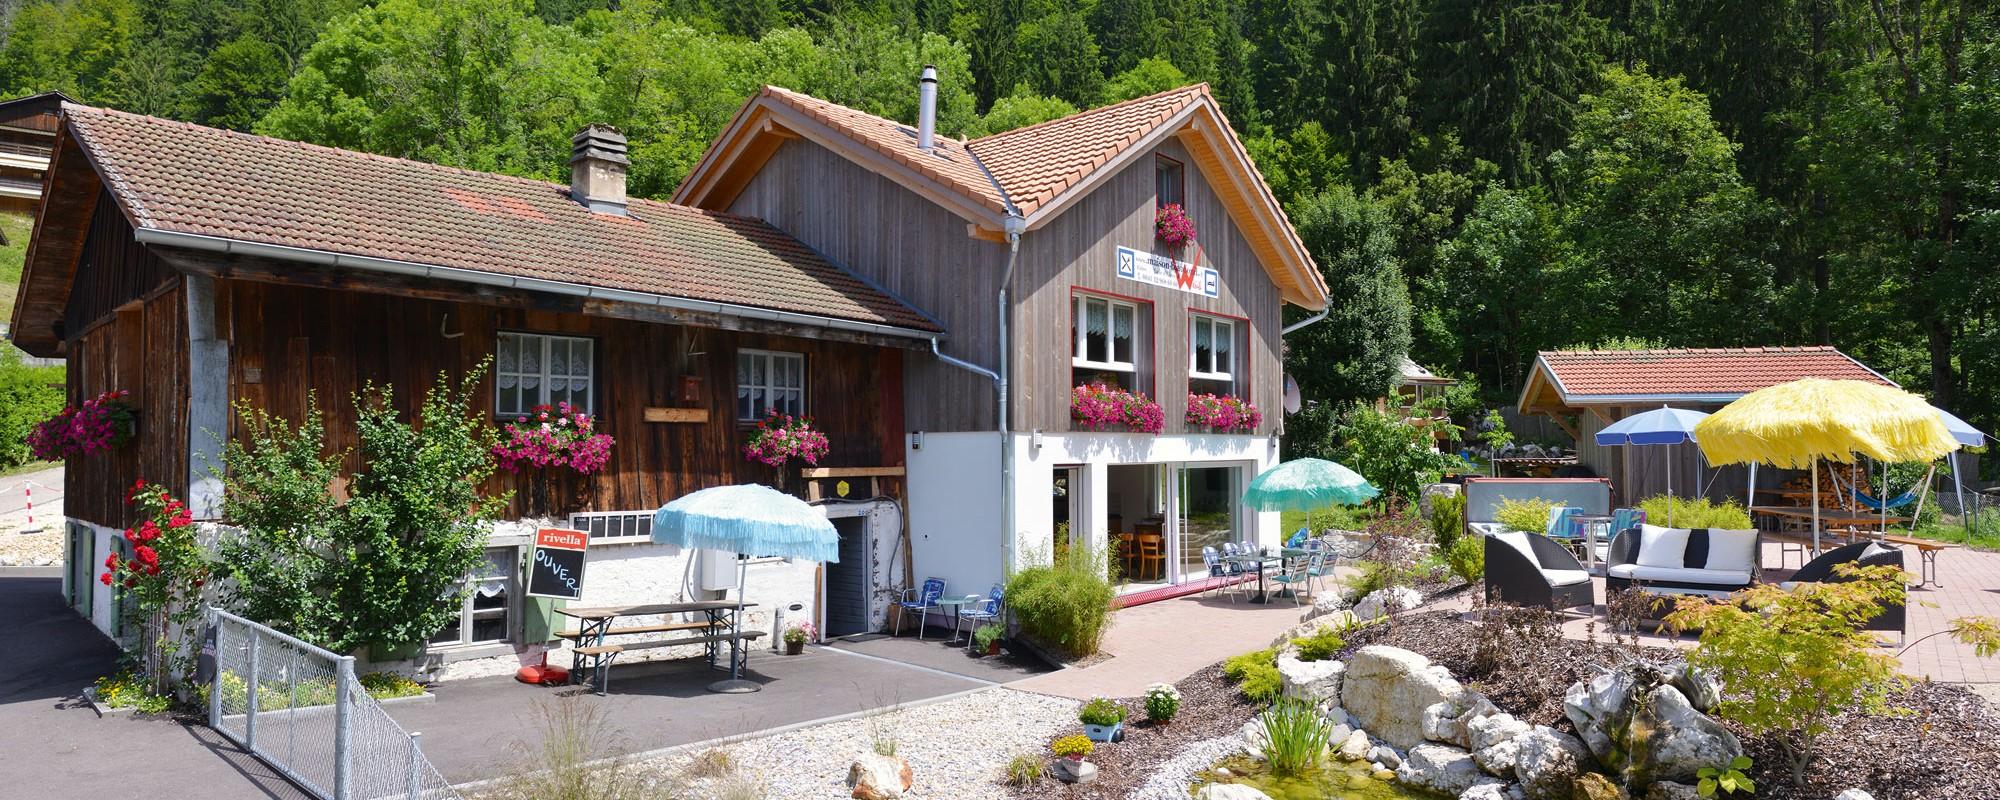 Maison Biaufond - Gîte et table d'hôtes